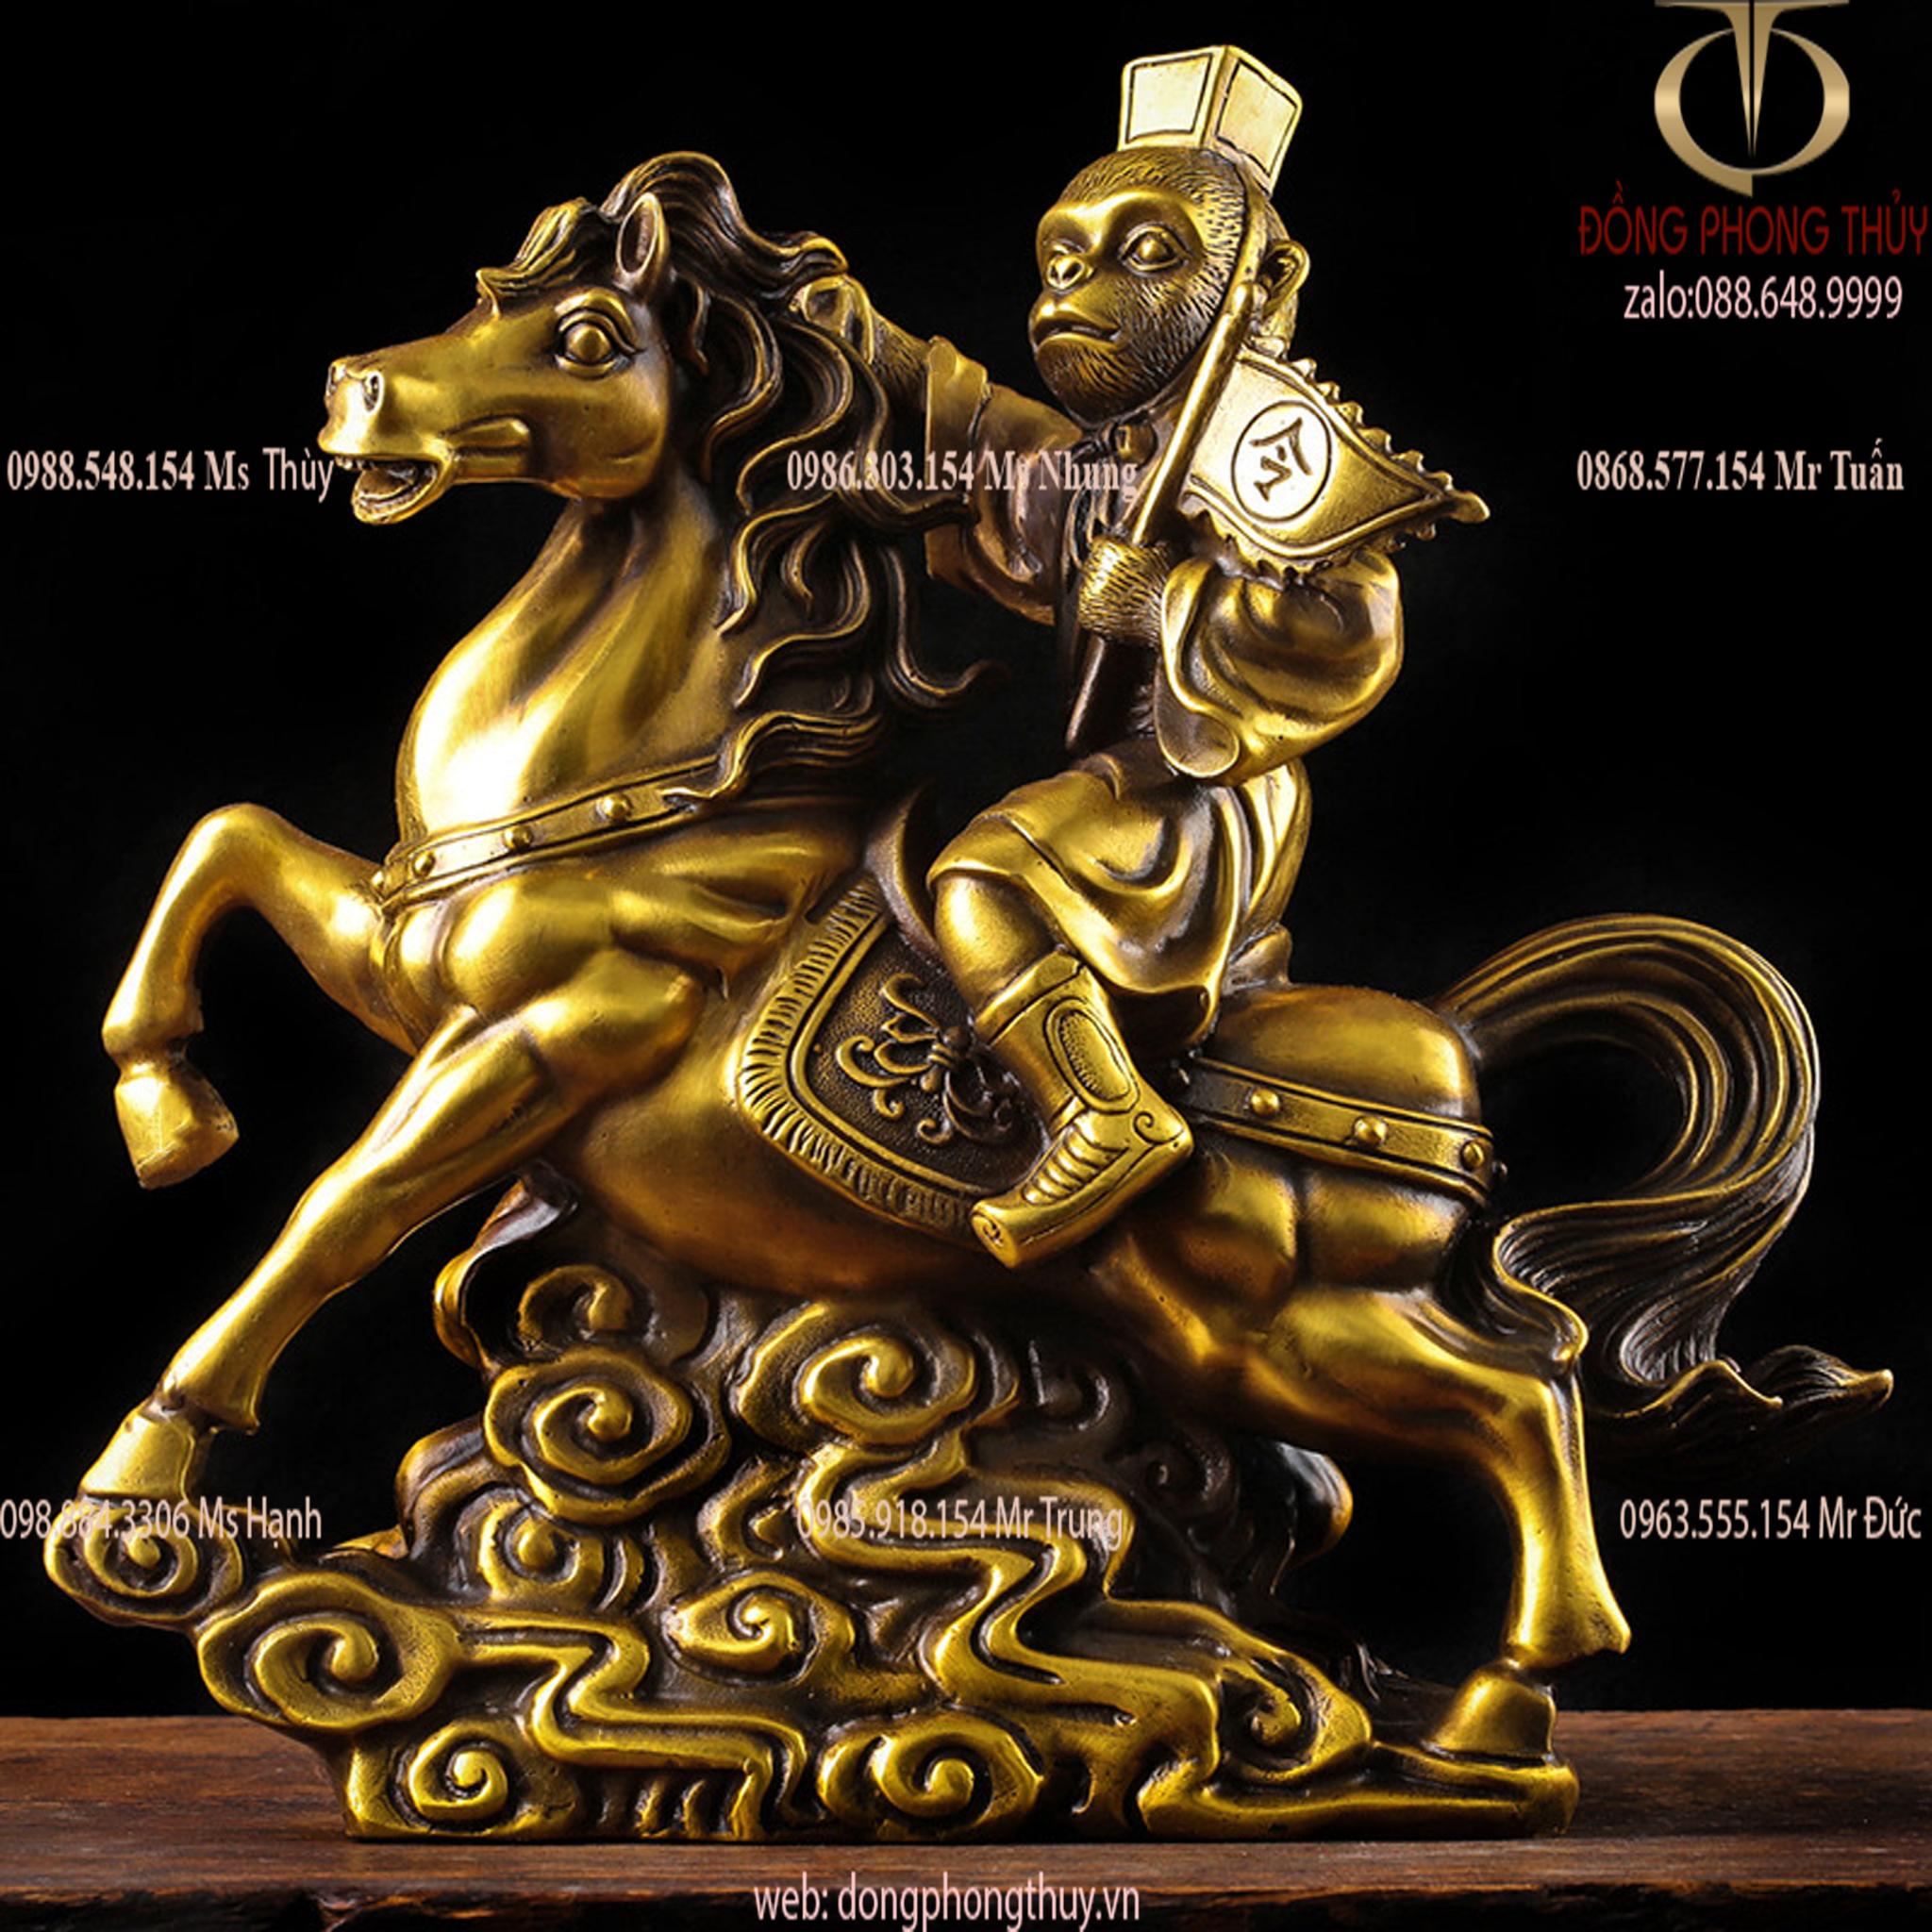 Tượng mã thượng phong hầu khỉ cưỡi ngựa